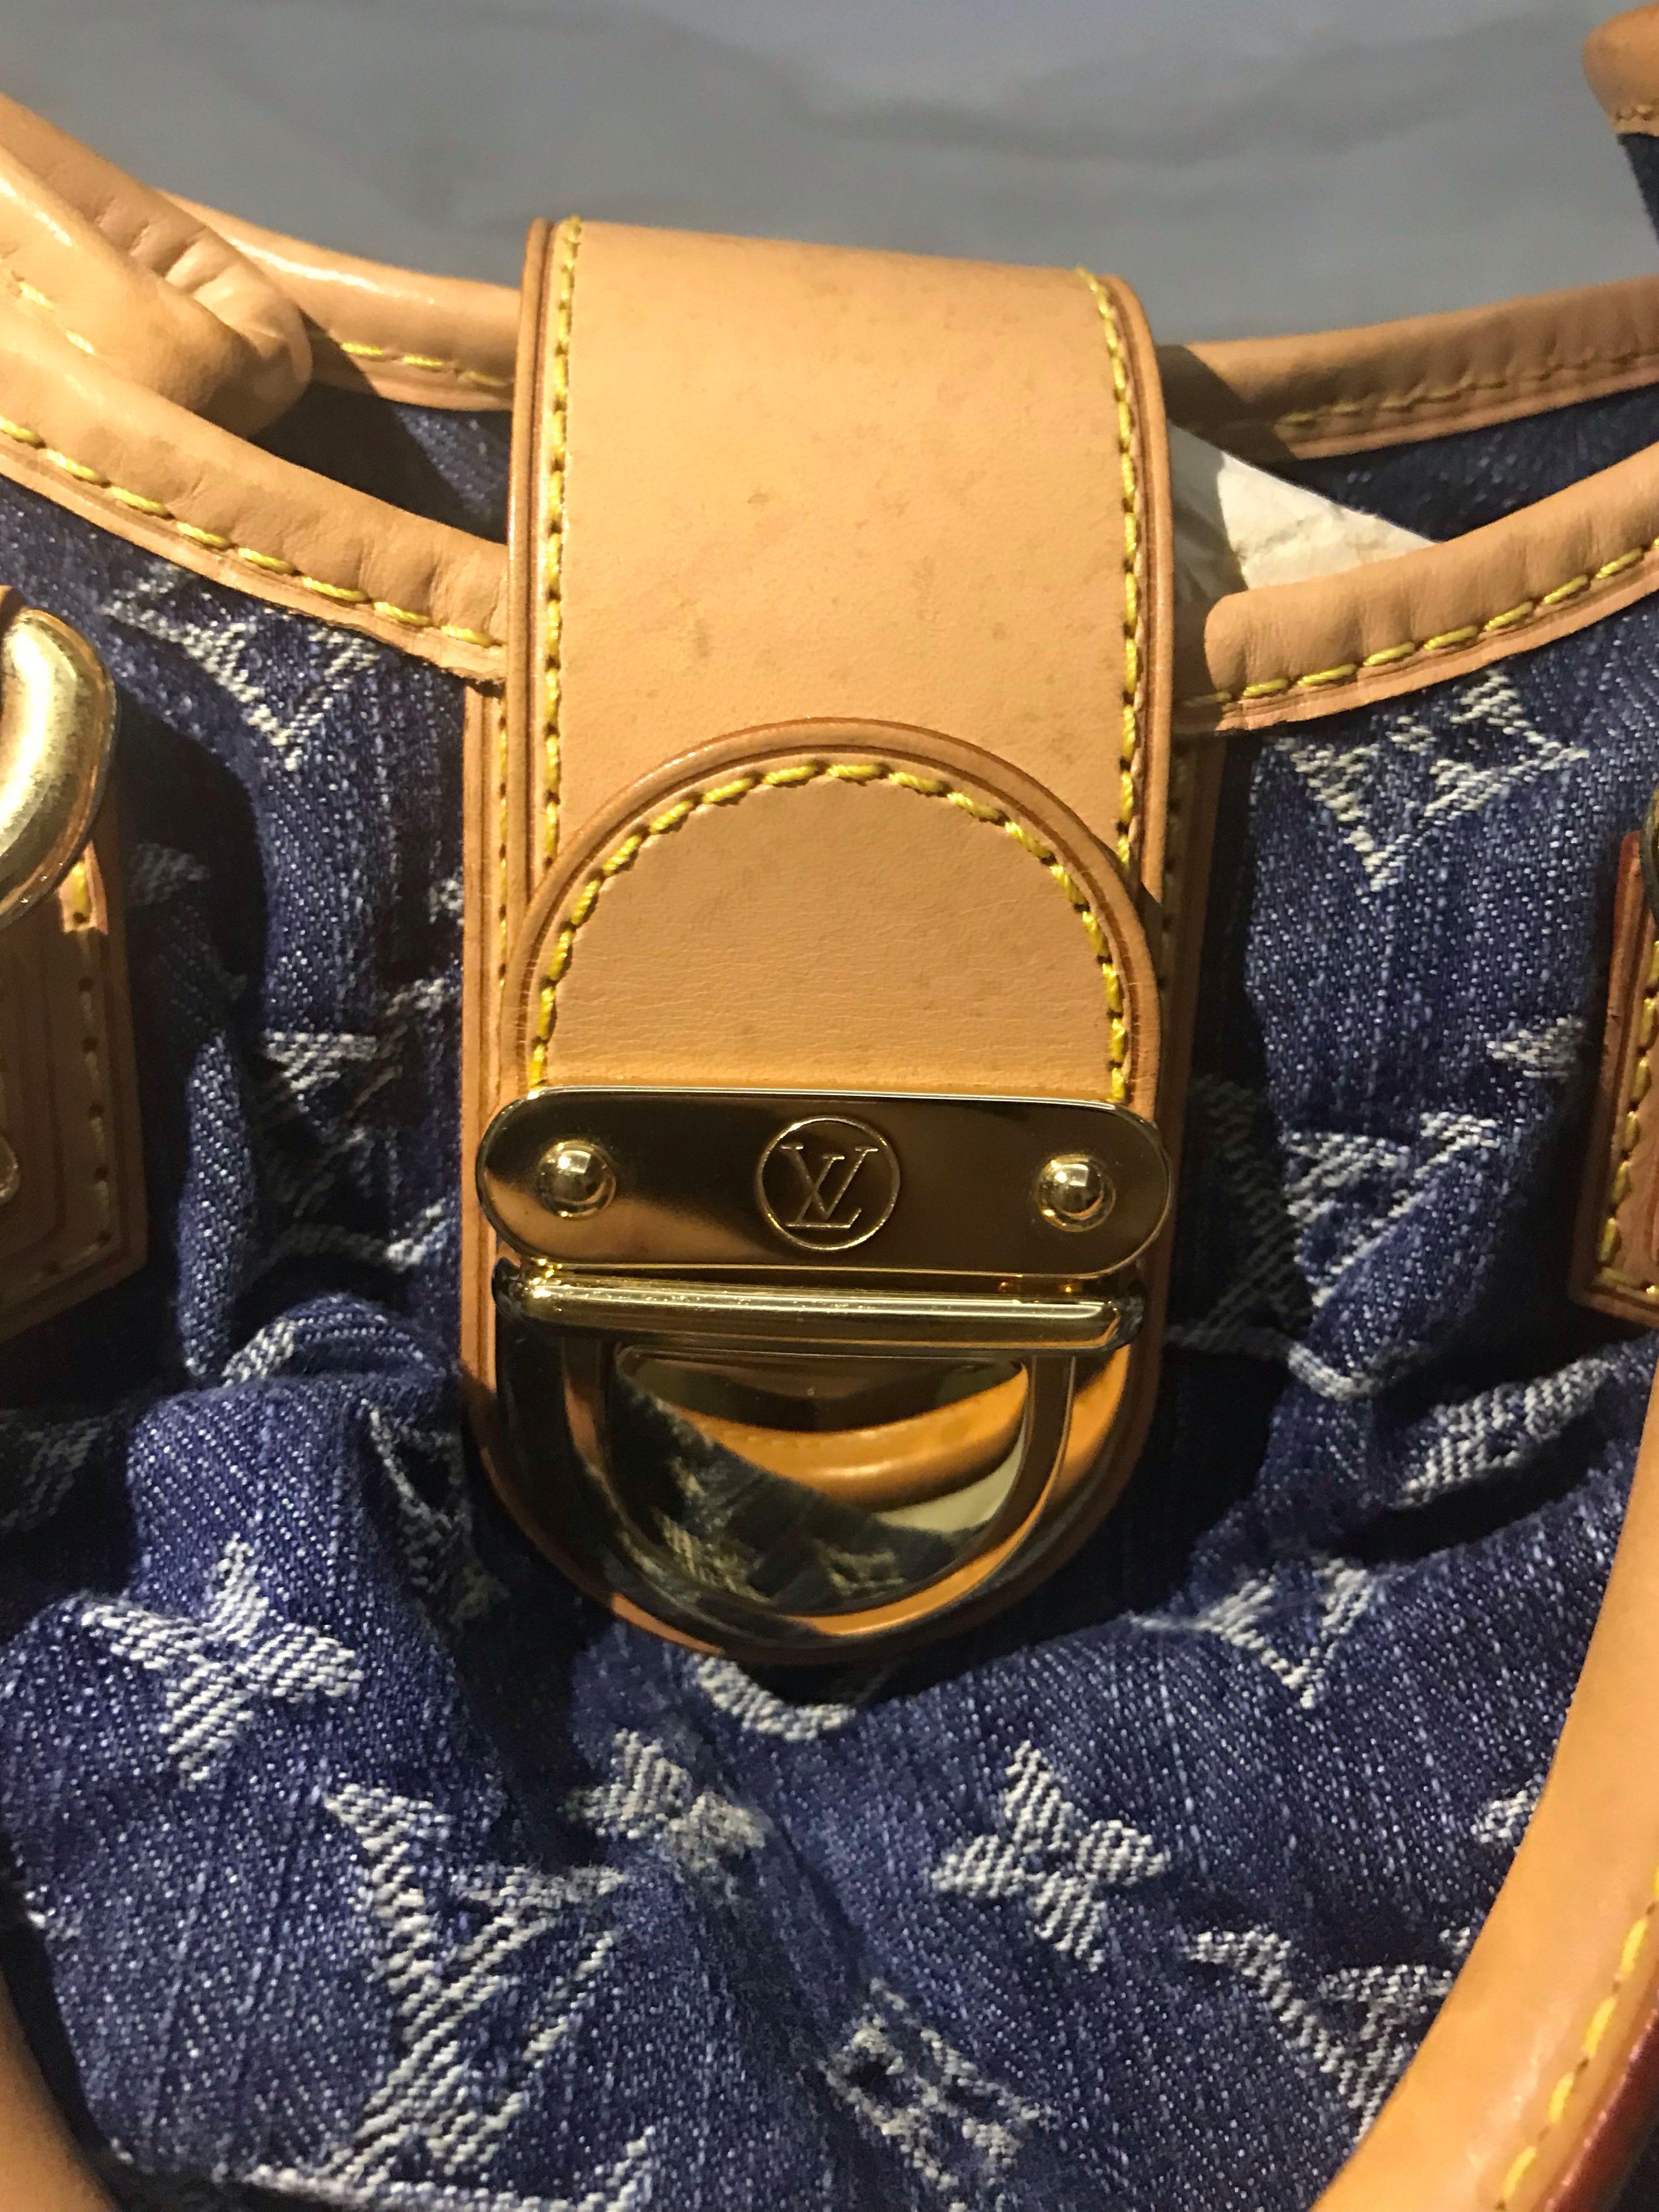 36274add0d3b LV Small Bag  320